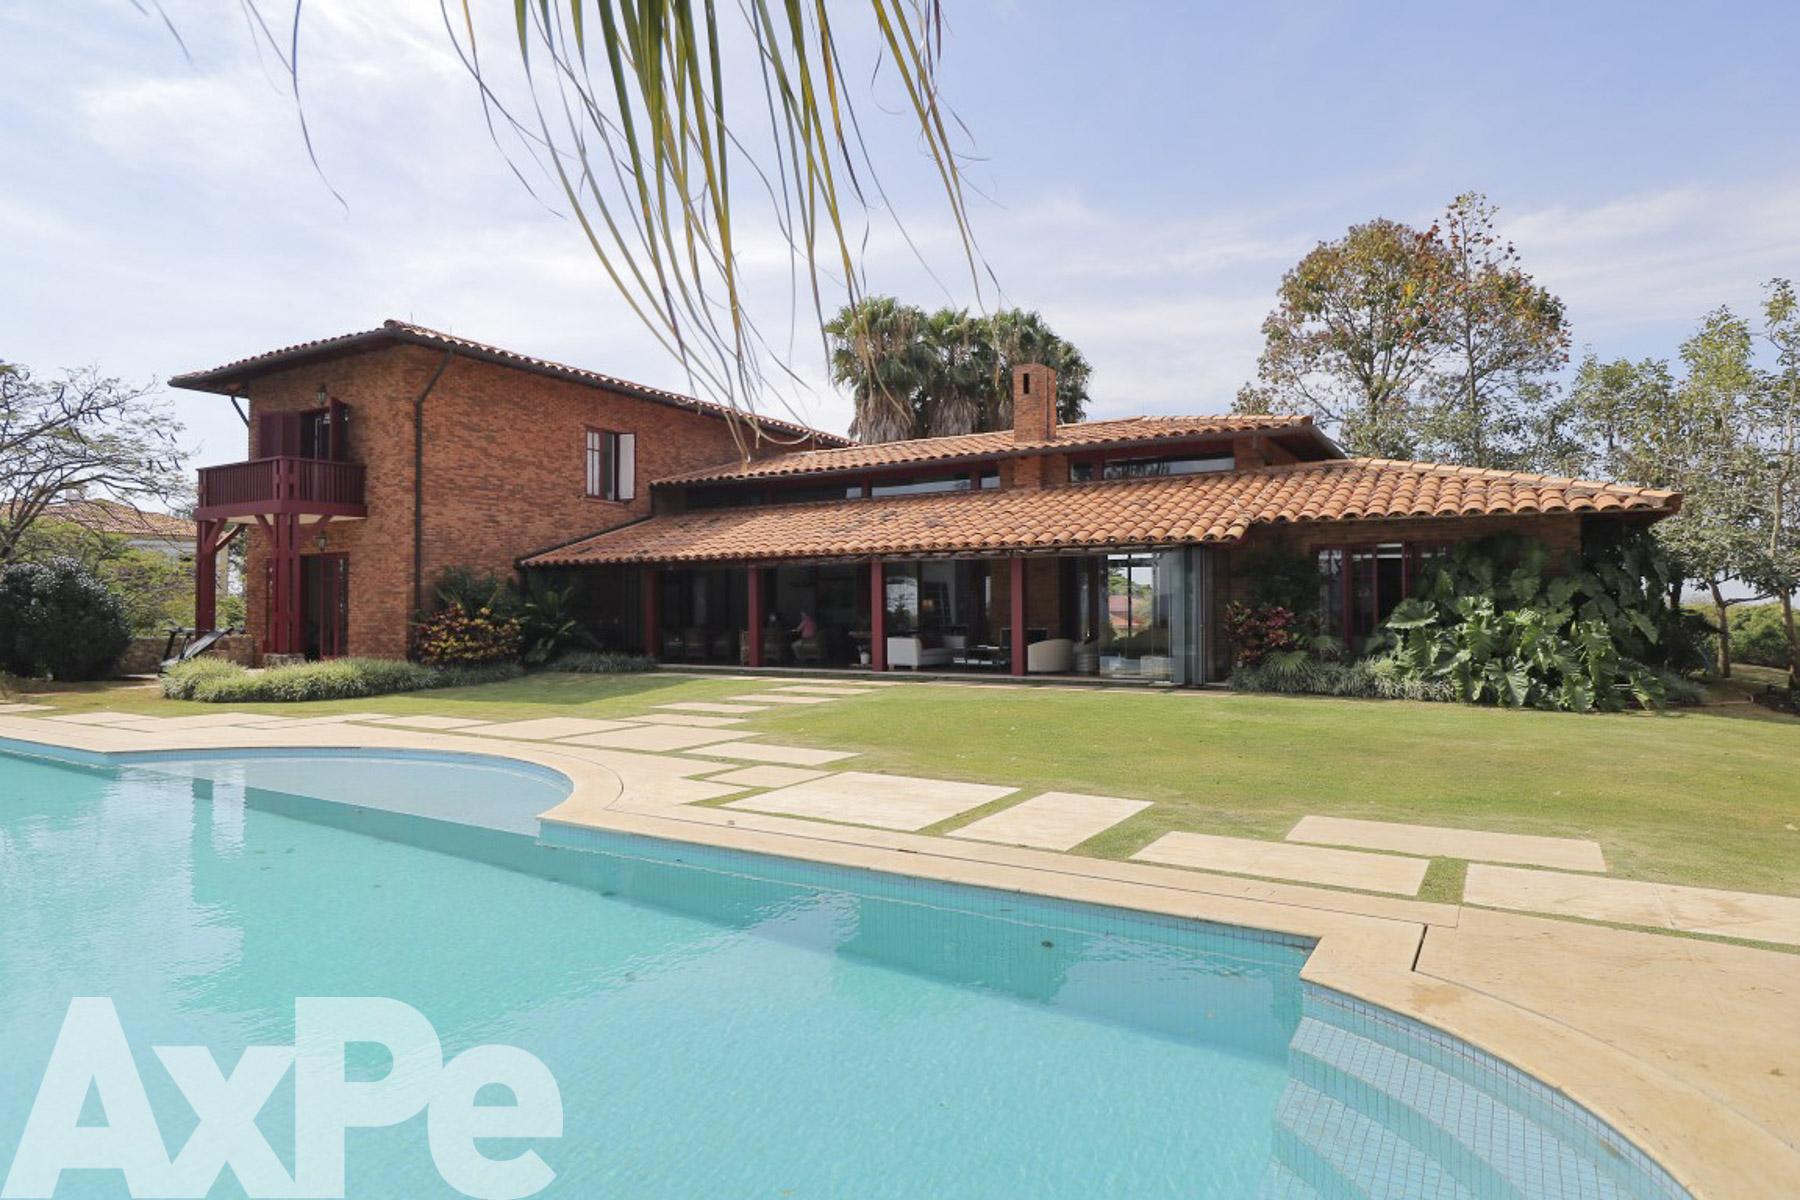 Axpe Casa em condomínio - AX145680